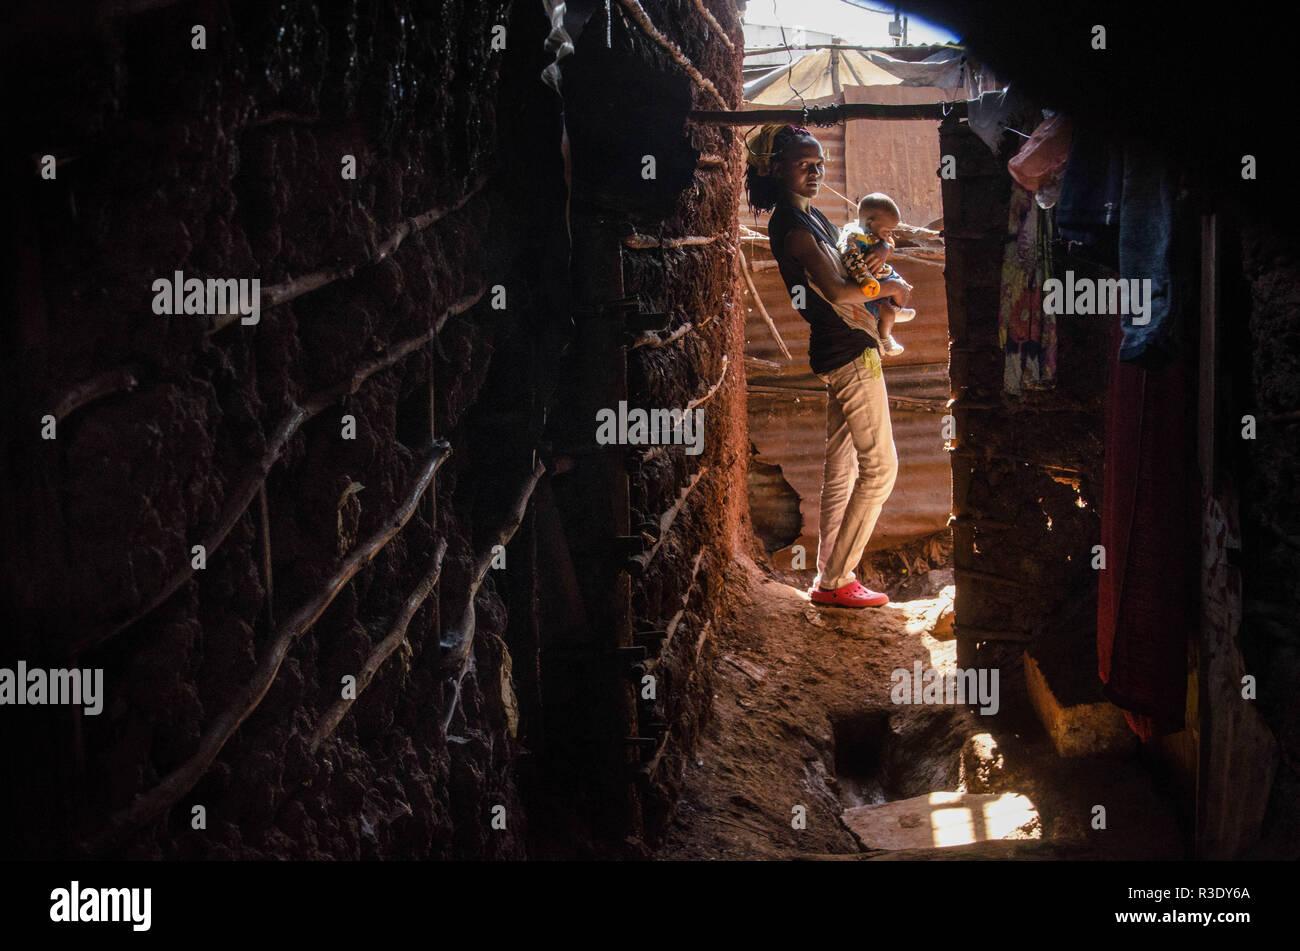 Una mujer visto cargando un niño en el bar local. Durante un largo período de tiempo, la mayoría de las mujeres de Kibera han sido los barrios bajo la influencia del alcohol. No considerar los efectos secundarios, aquí las mujeres consumen por diferentes razones, incluyendo la toma de más estrés y olvidarse de sus problemas familiares de regreso a casa. Esto es debido a la falta de suficientes oportunidades de empleo y el apoyo de sus maridos, el alto nivel de consumo de alcohol ha llevado a la mayor tasa de muertes, ceguera y riesgo de muchas enfermedades peligrosas como el cáncer, la hipertensión, apoplejía y lesiones traumáticas con niños dejados como Orpha Foto de stock